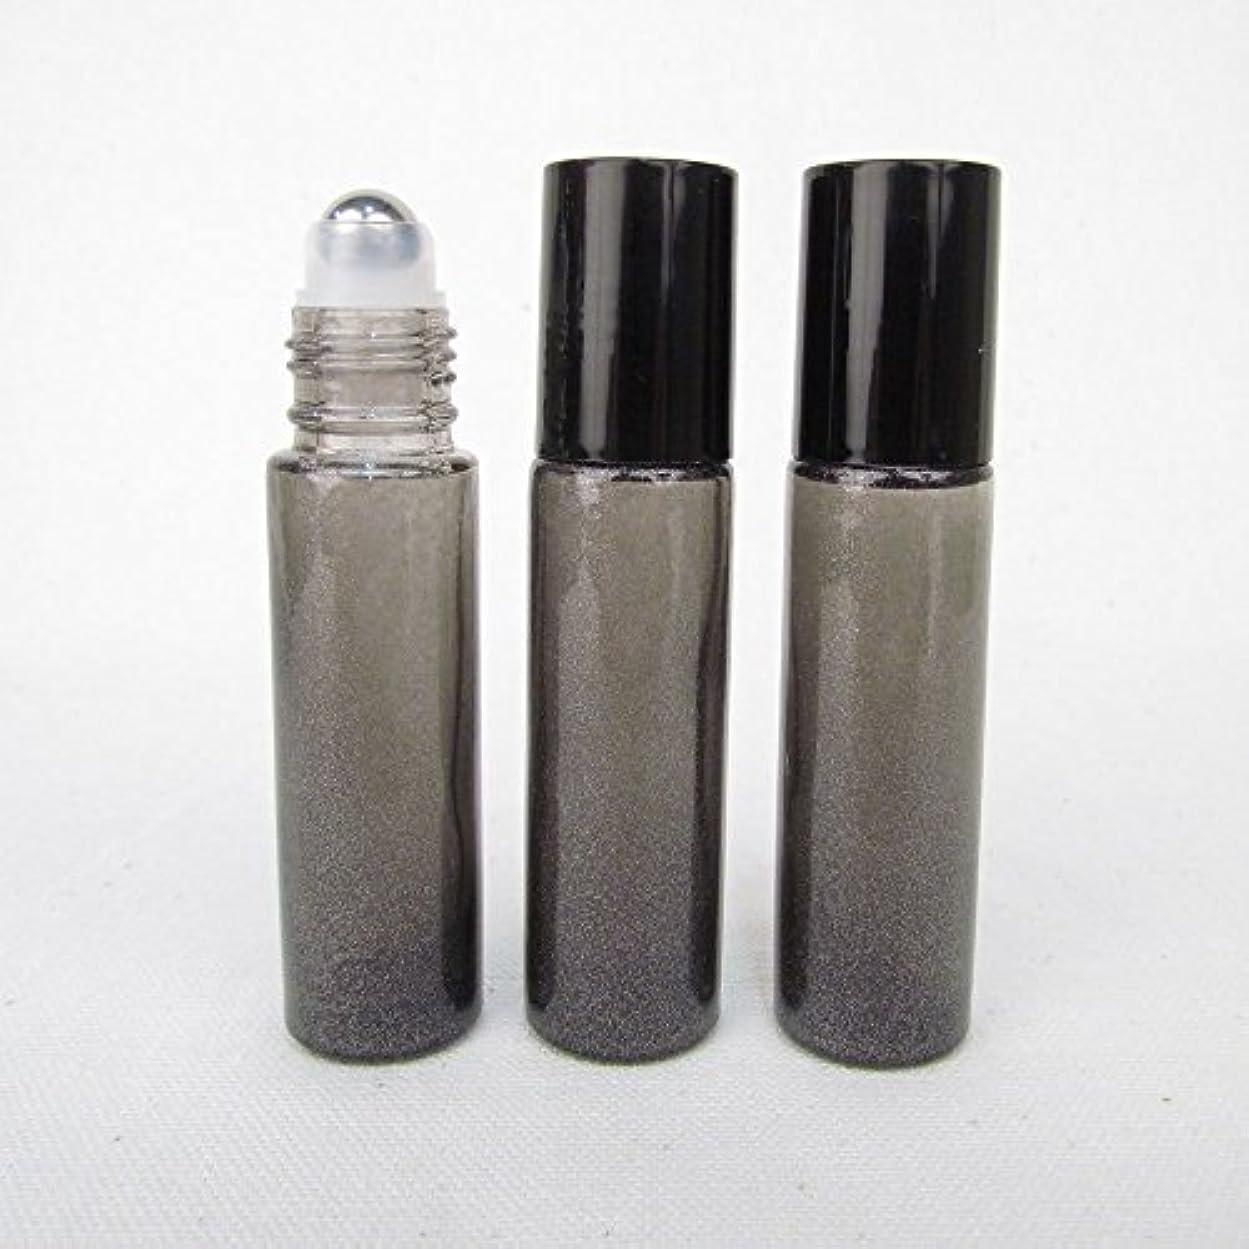 うなずく冒険家インクSet of 3 Granite Gray Color 10ml Roll on Bottle with Stainless Steel Ball for Essential Oil Products by Rivertree...